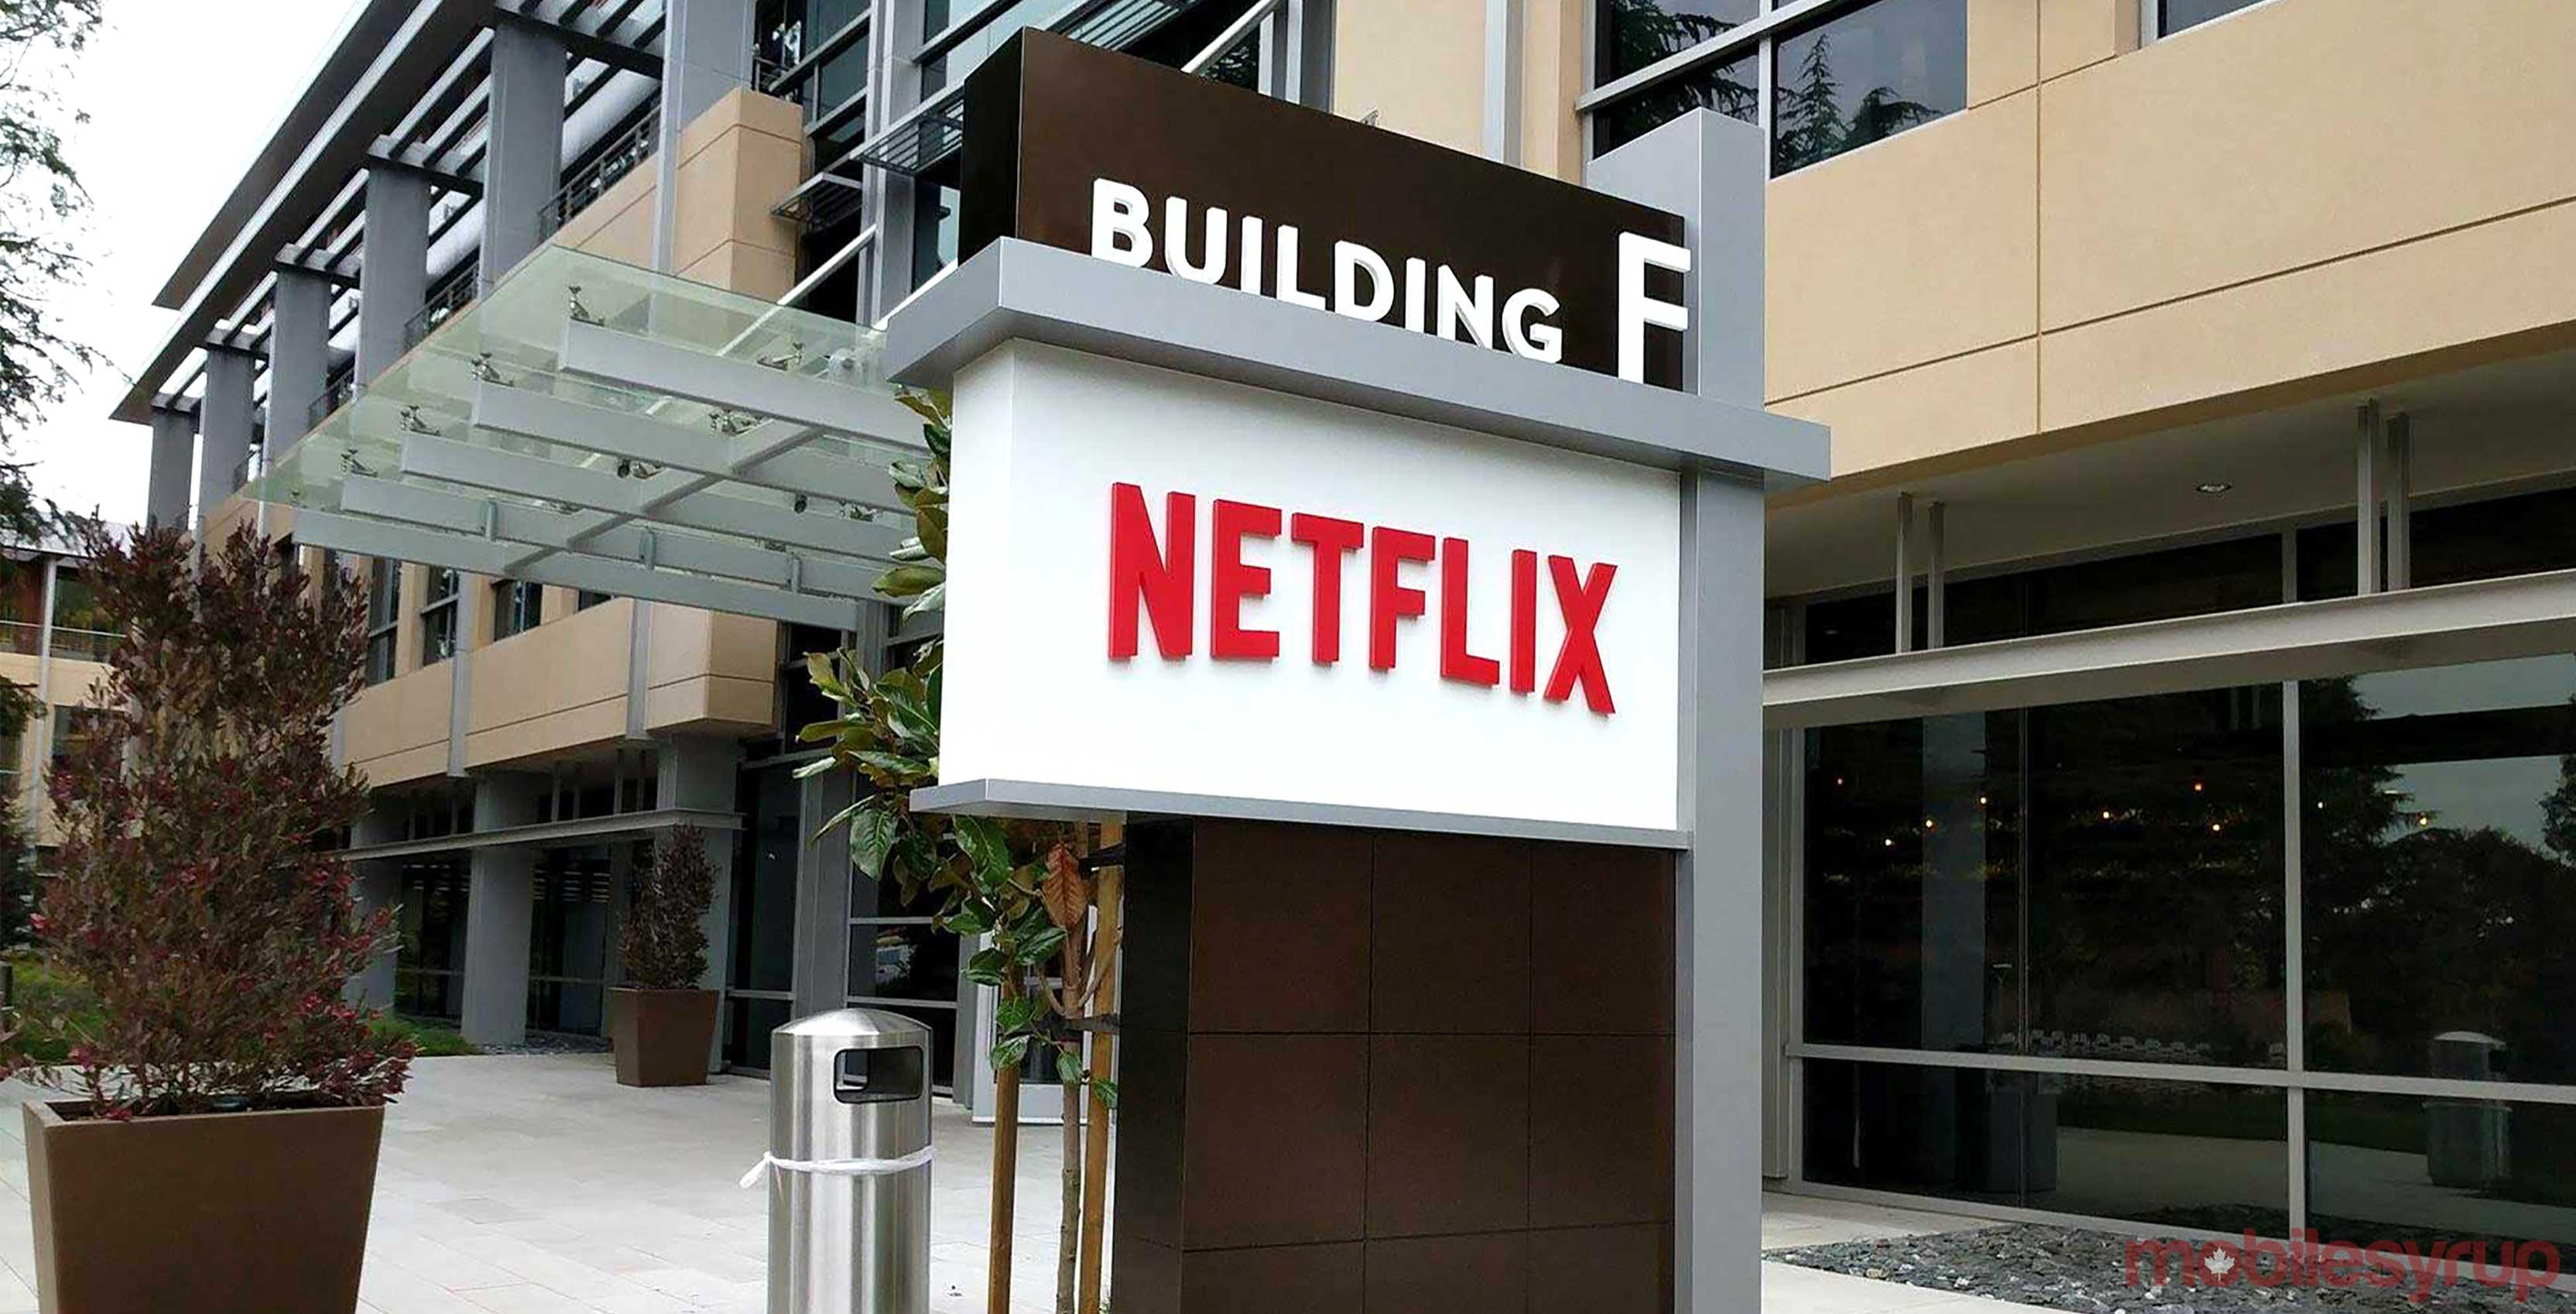 Netflix office sign